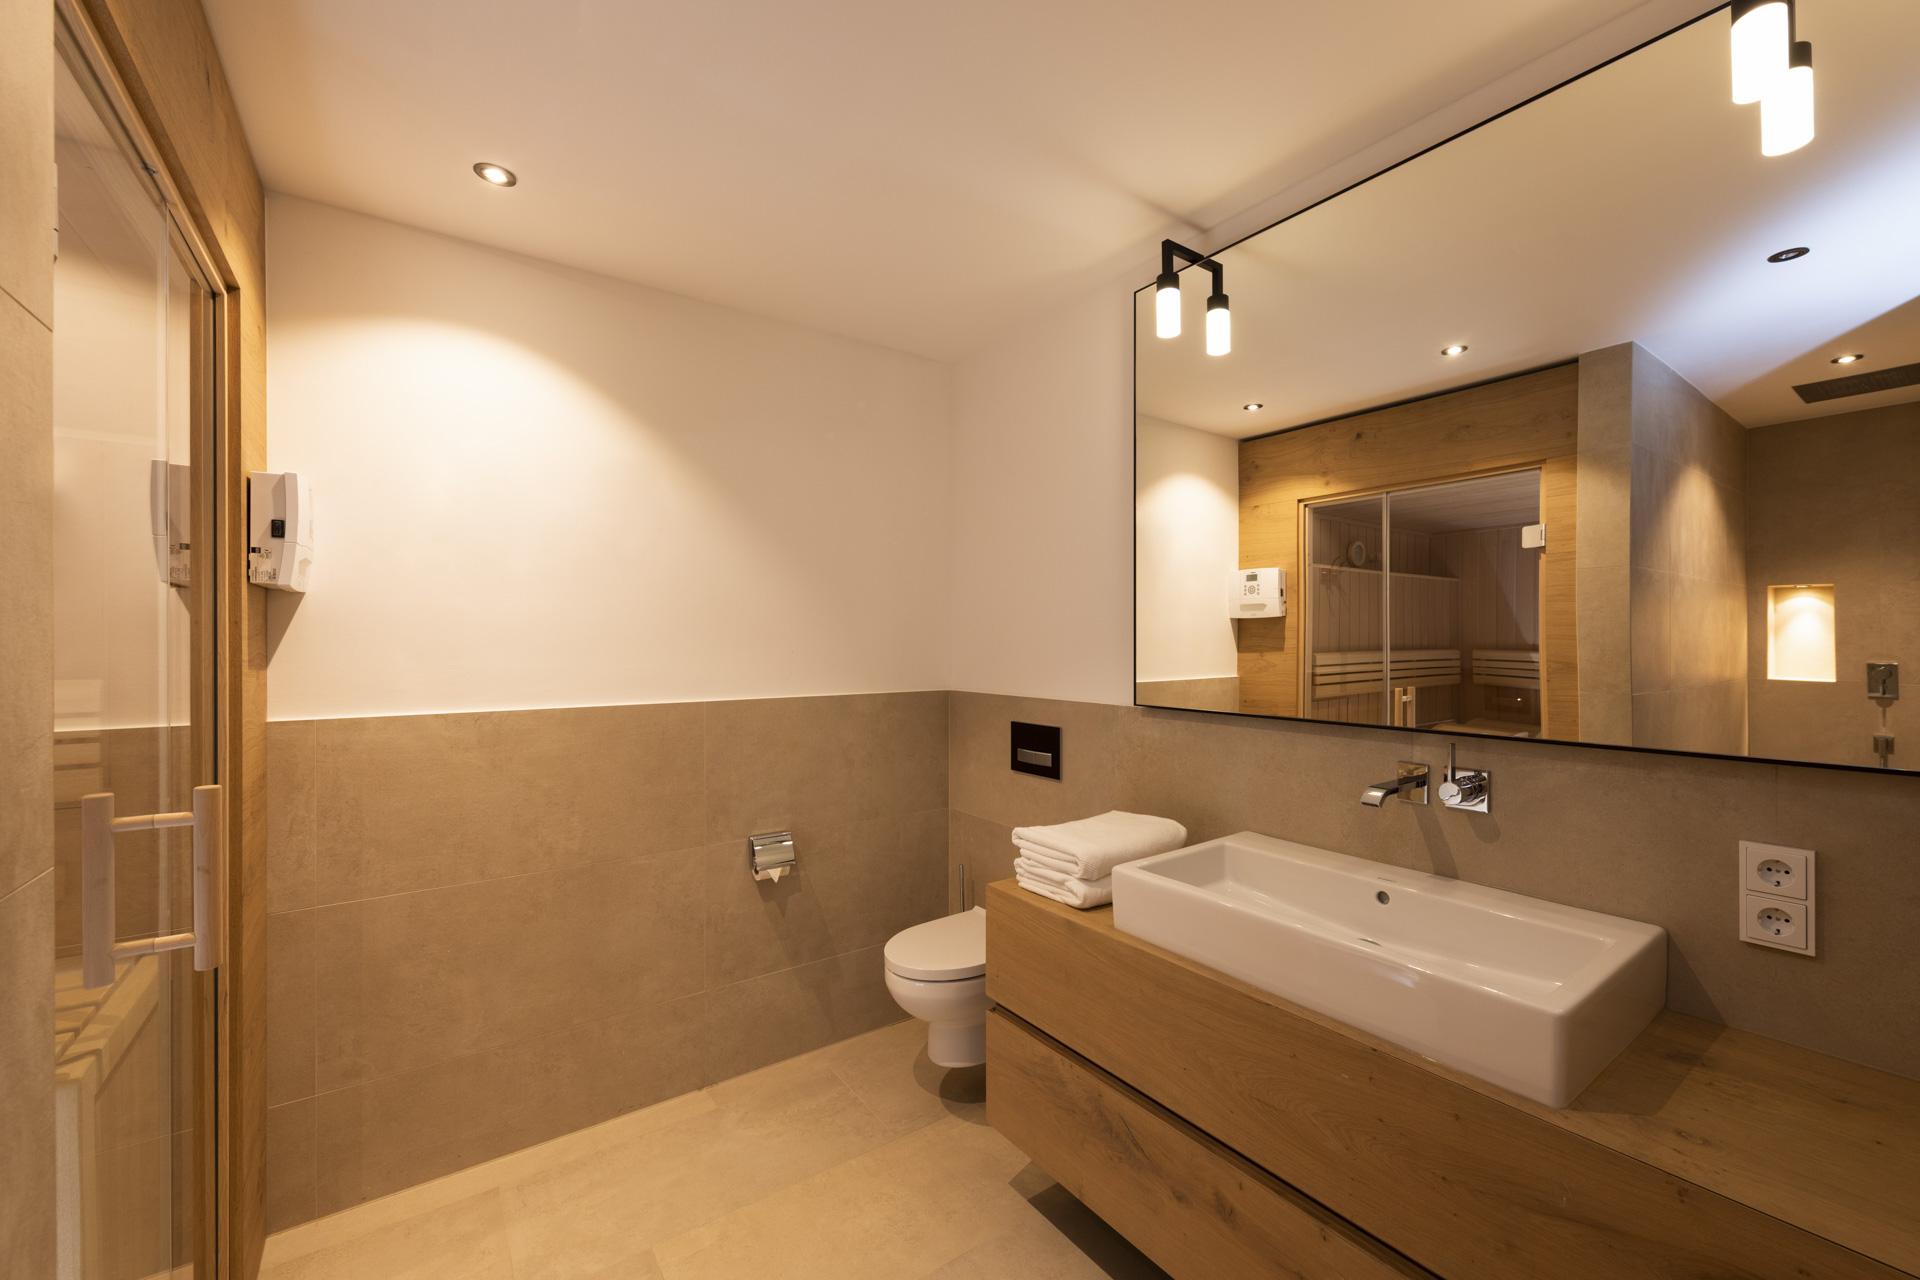 Tischlerei-Decker-Projekte-Wohnung-D-Badezimmer-mit-Sauna